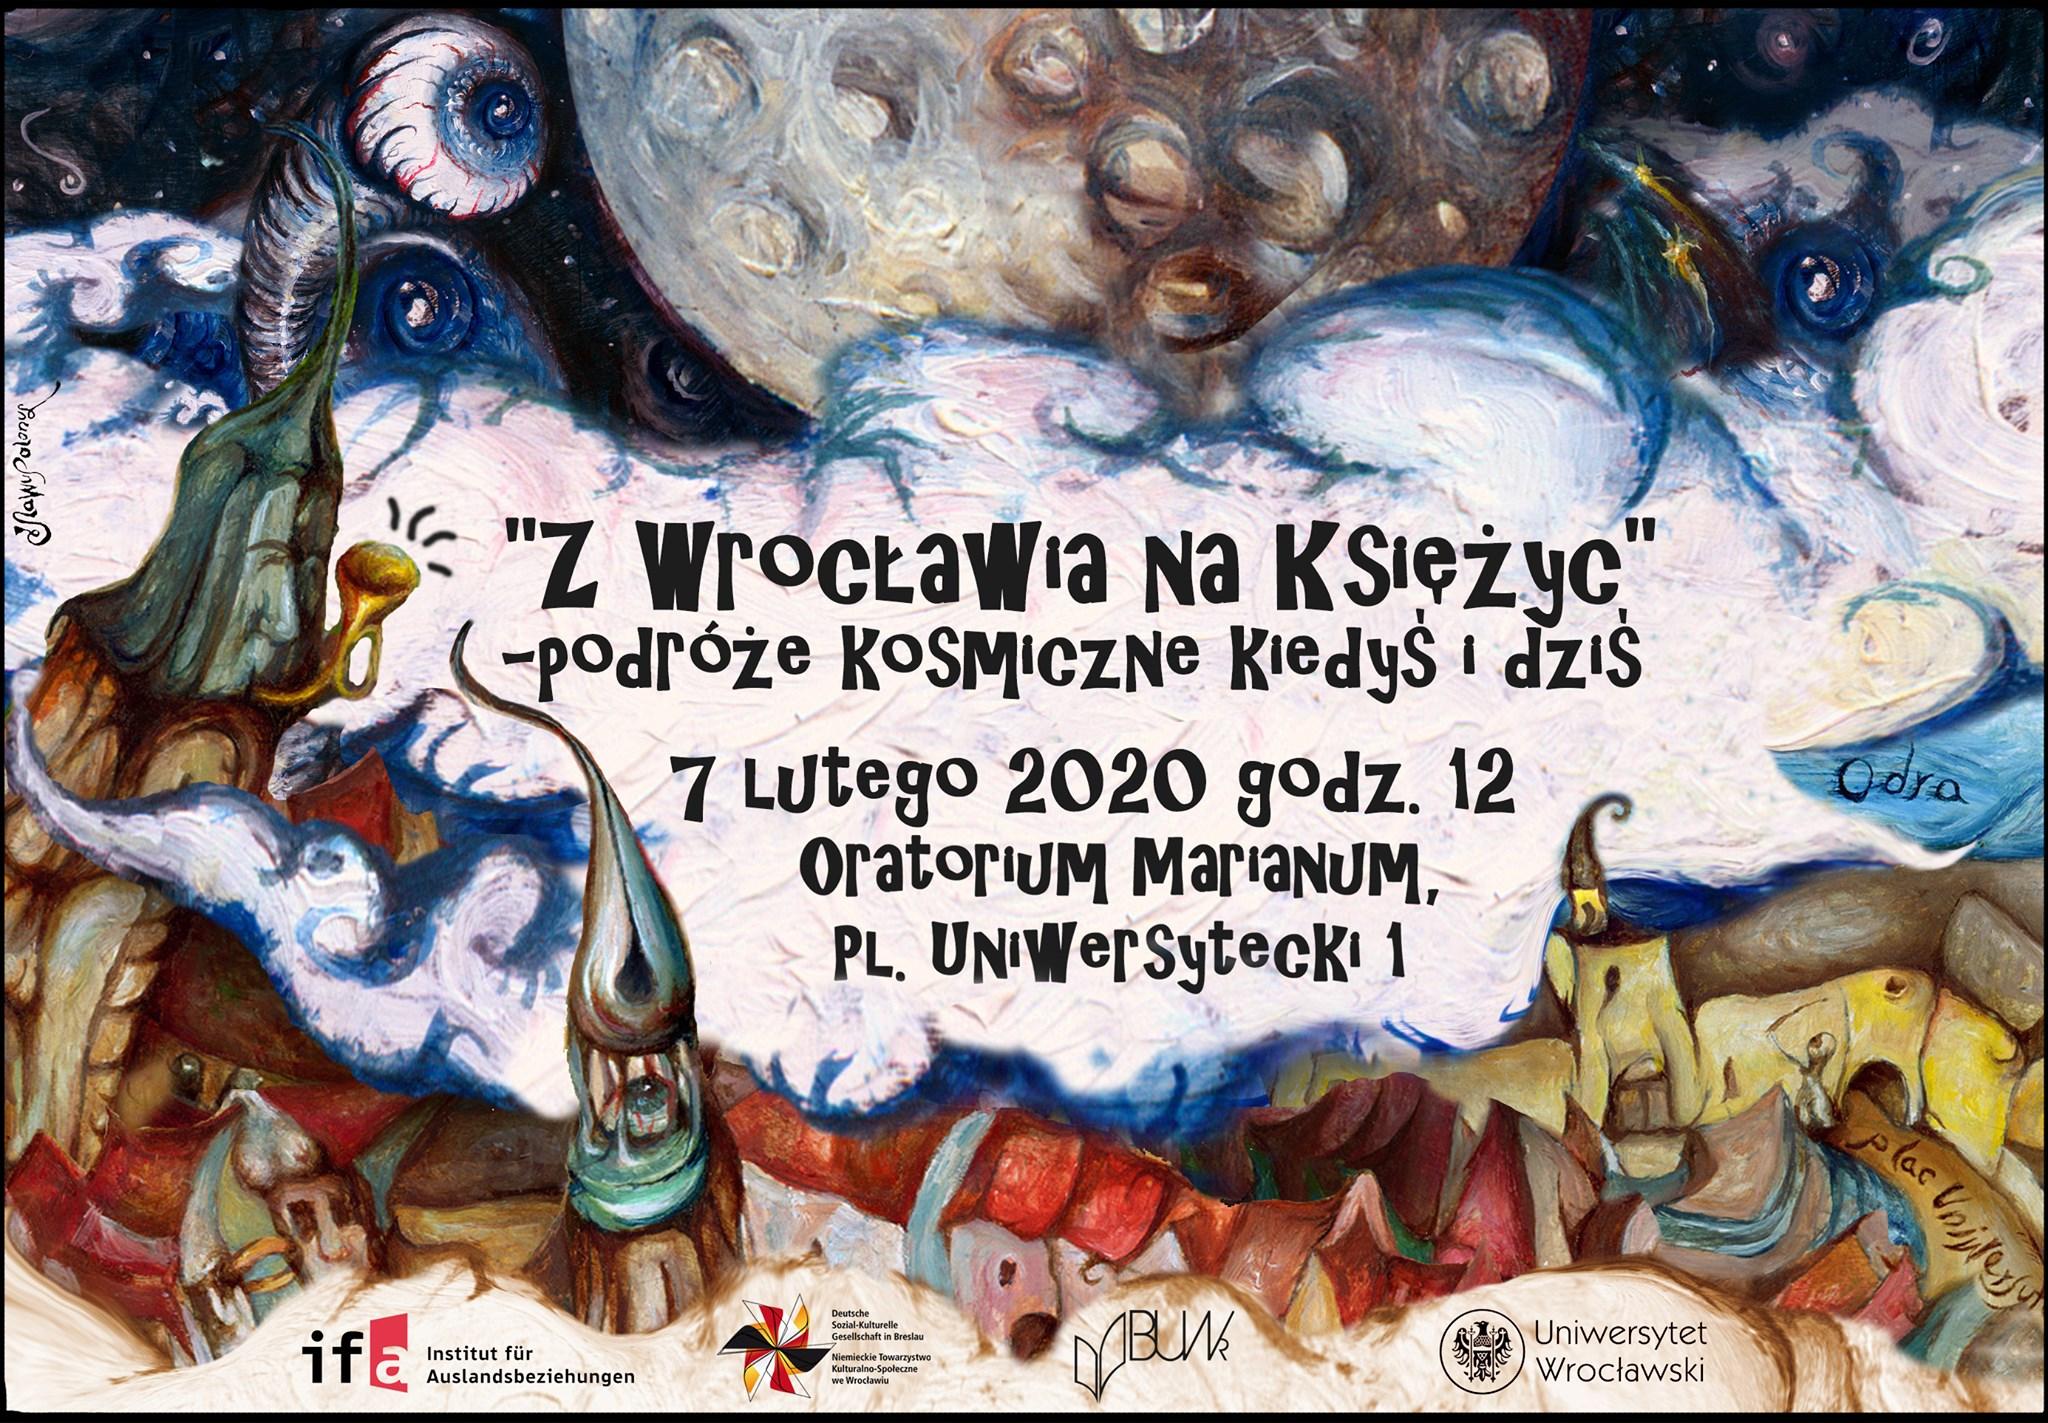 Z Wrocławia naKsiężyc @ Oratorium Marianum